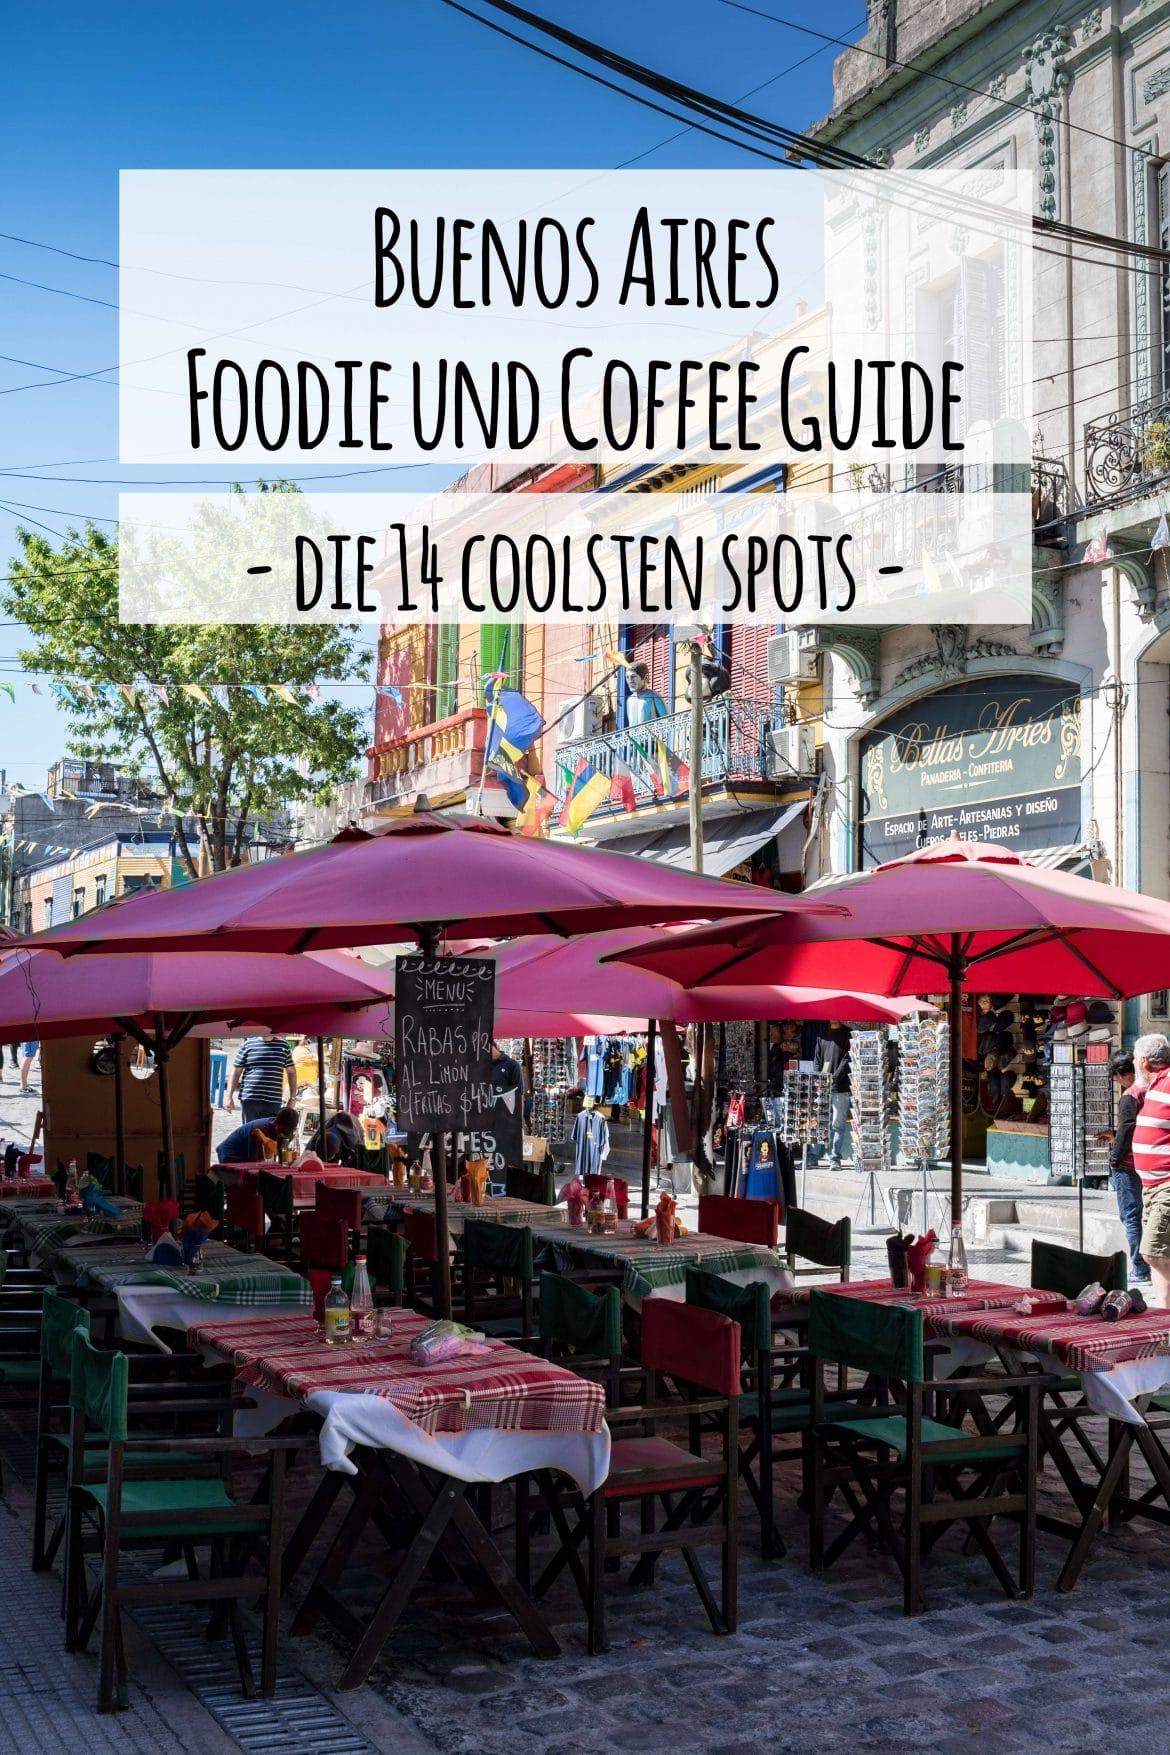 Du reist nach Buenos Aires und suchst die besten Lokale für richtig guten Kaffee und leckeres Essen? Dann ist dieser Buenos Aires Foodie und Coffee Guide die Antwort.